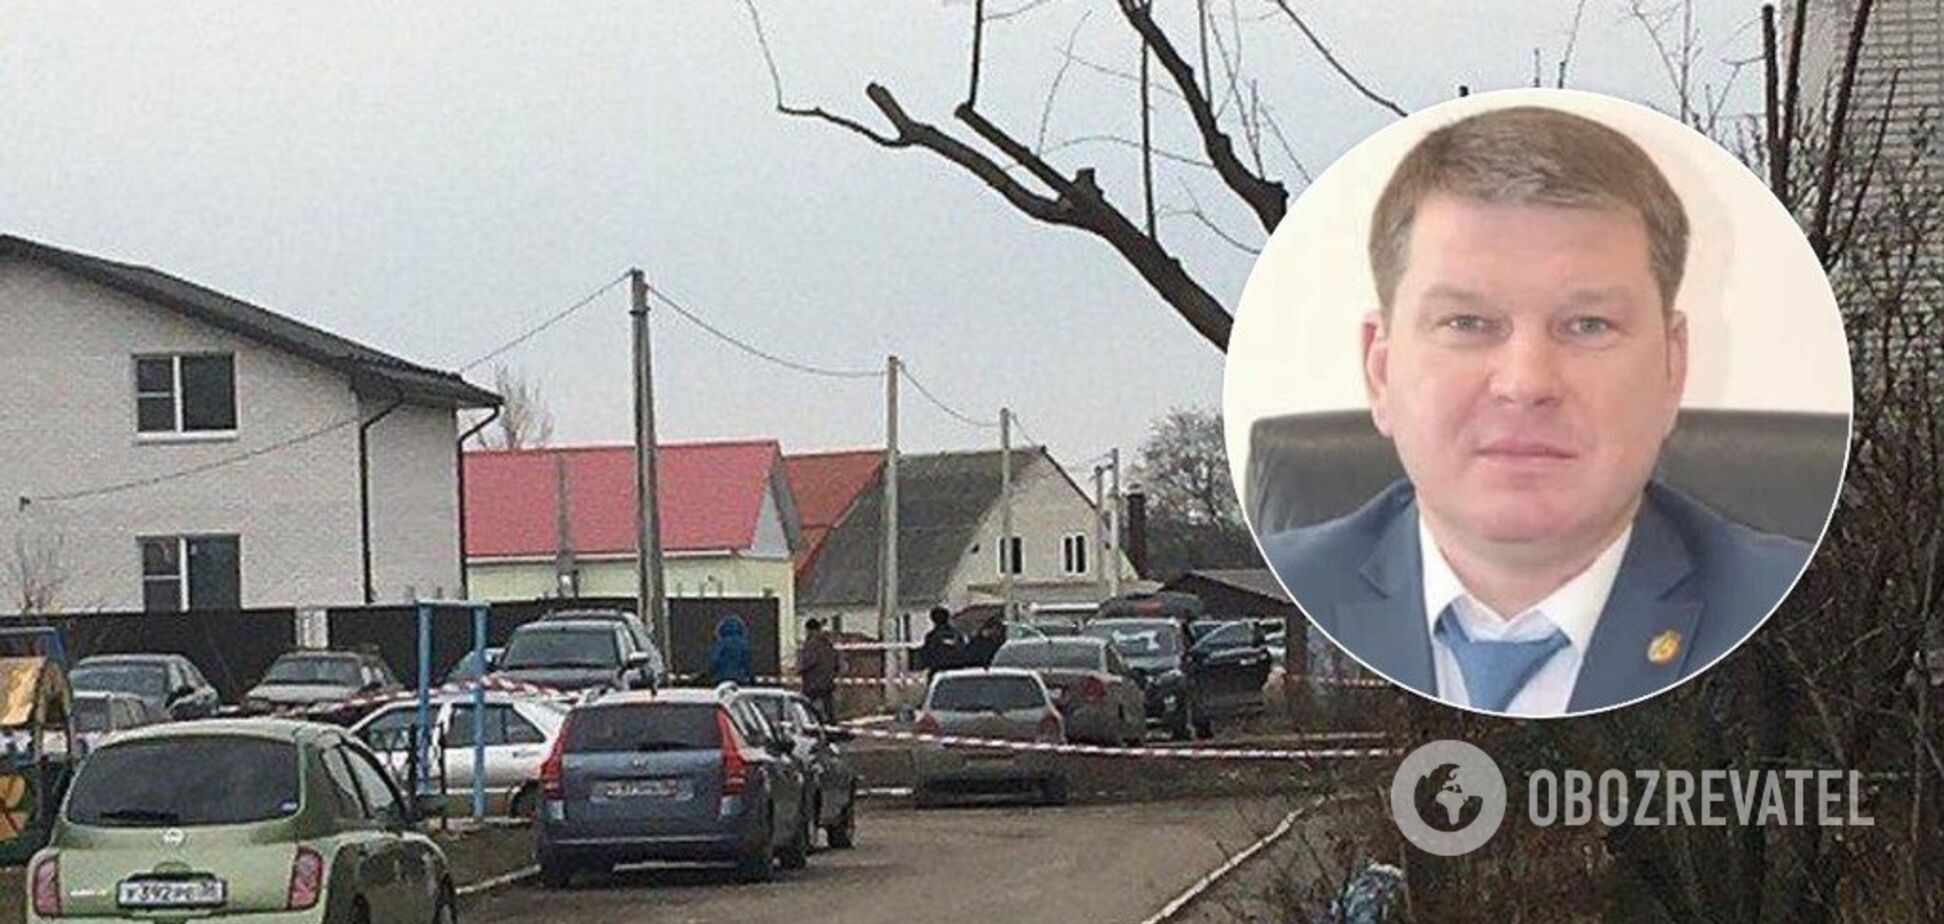 Готовили покушение: в России взорвали авто чиновника. Видео